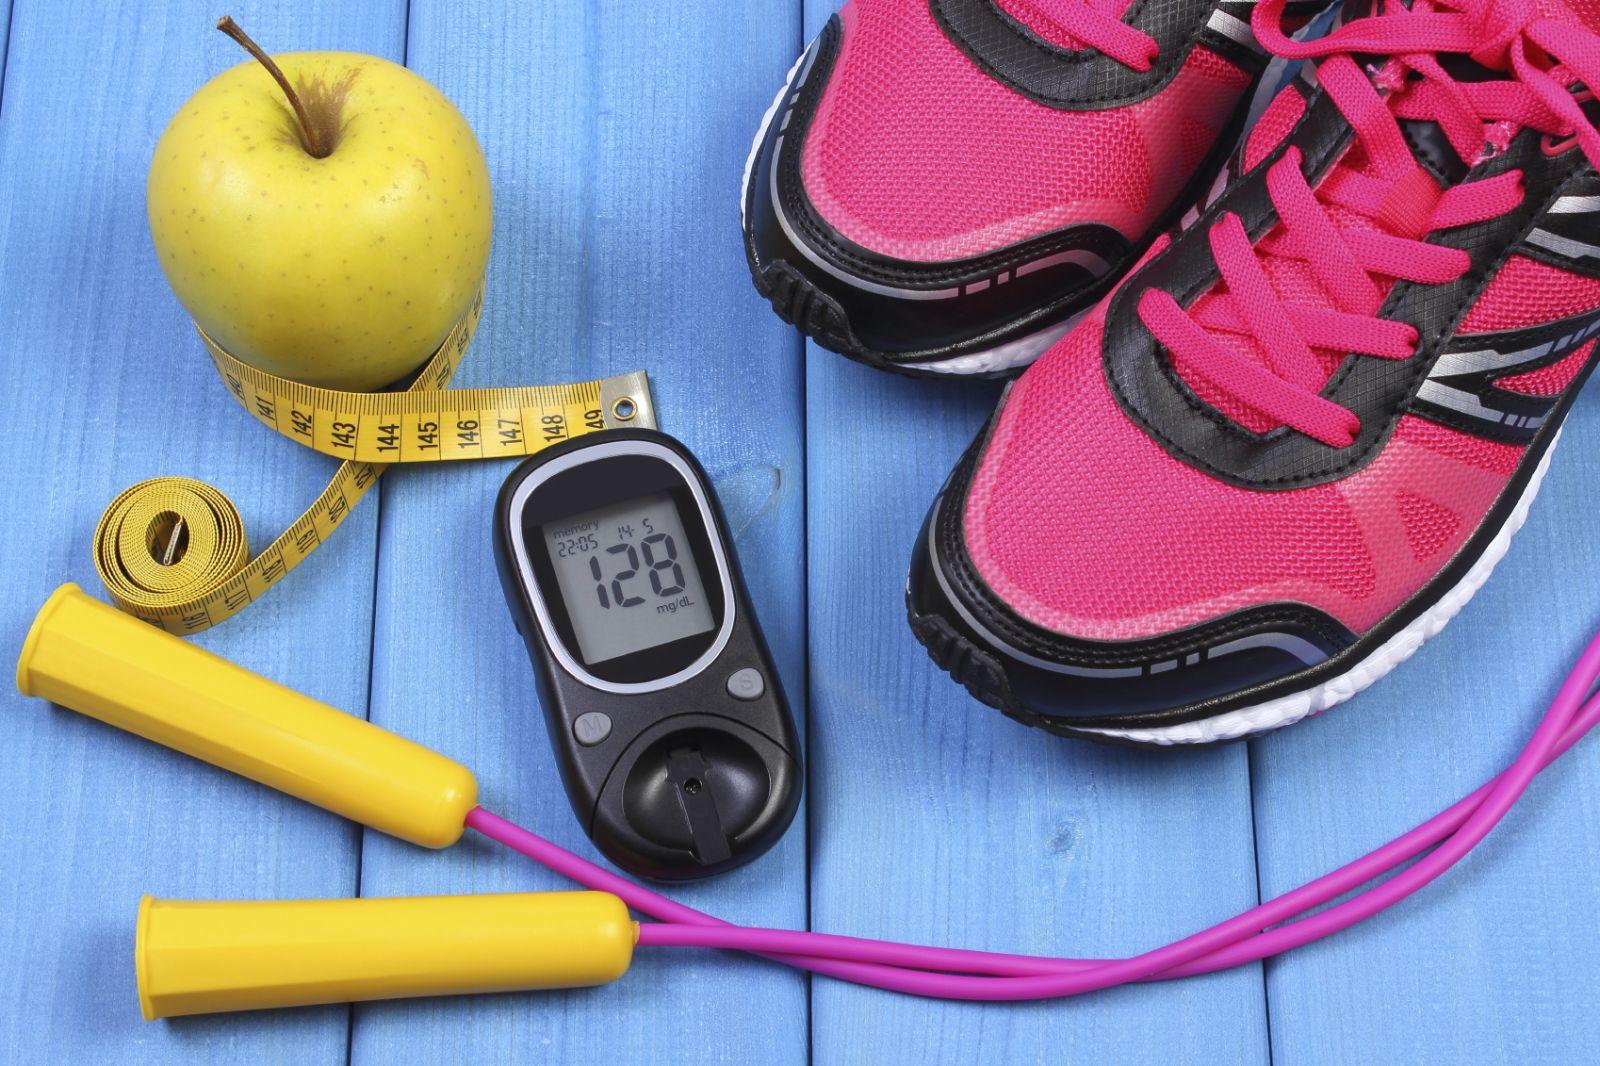 بخاطر اینکه فکر میکنی مجبوری ورزش نکن